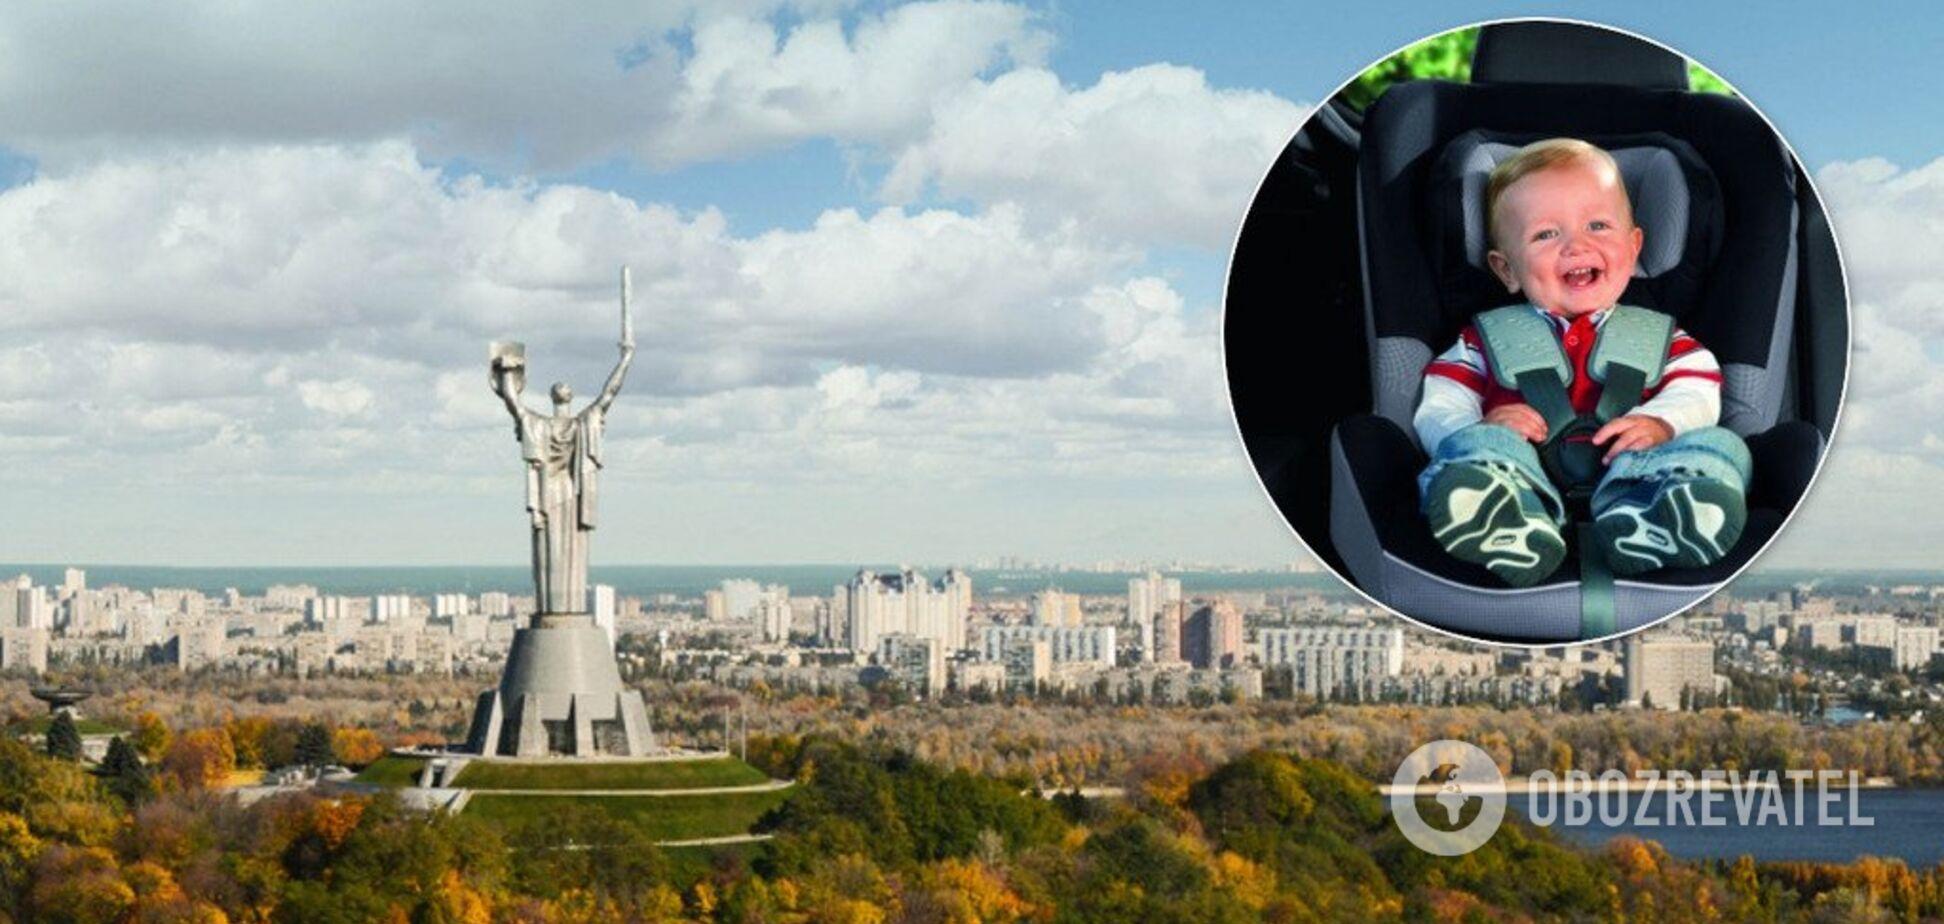 У Києві спіймалися перші порушники нового закону про перевезення дітей